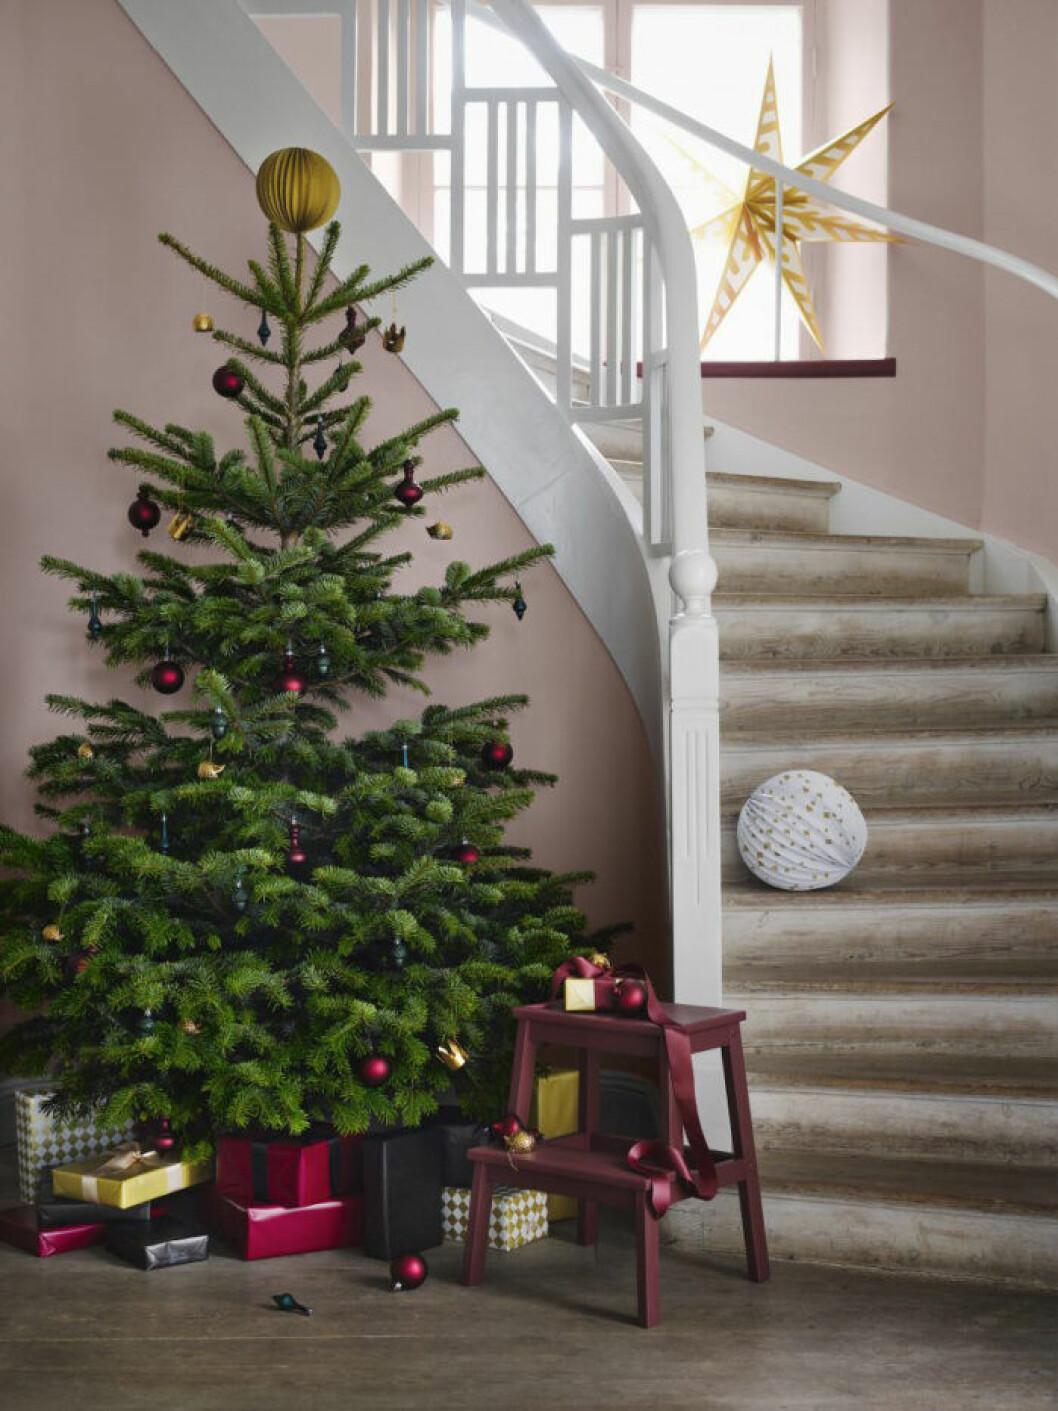 Julgran brons och vinrött